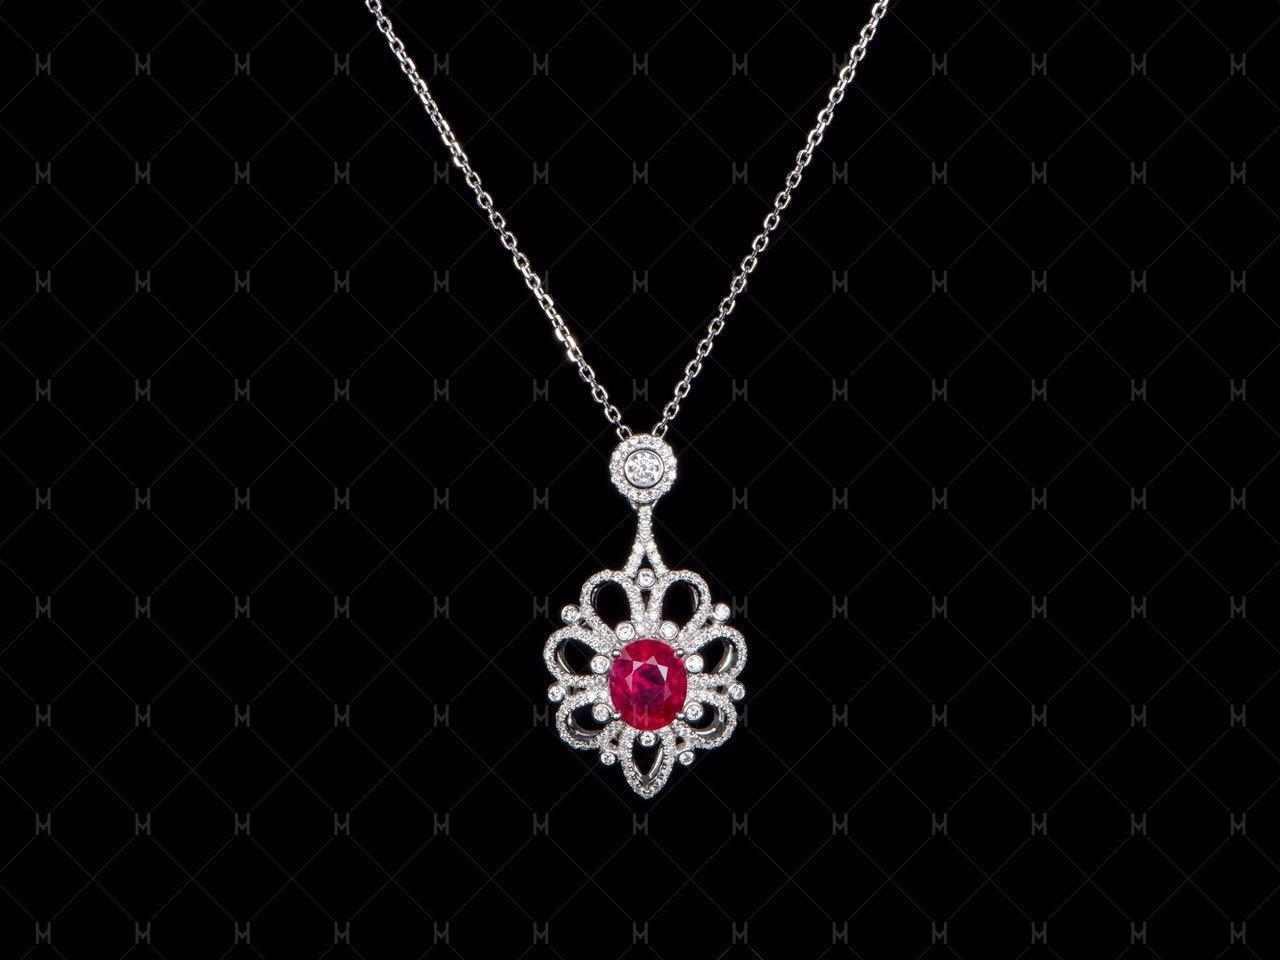 【珠宝秀场】特别推荐|那些铭刻仪式感的珠宝